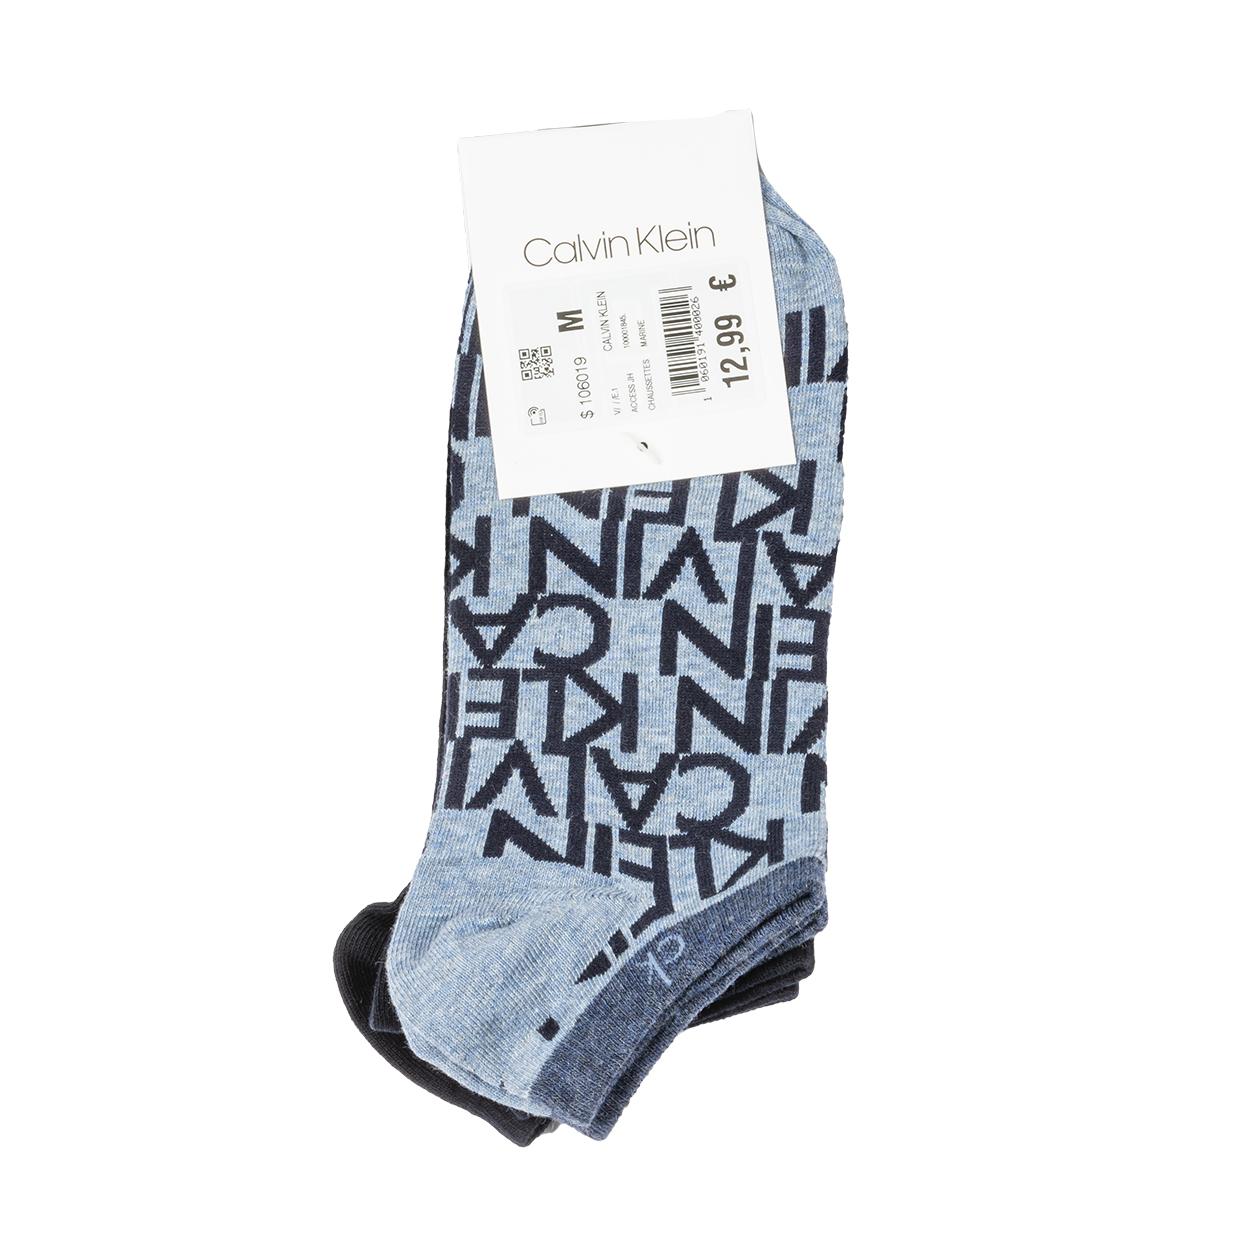 Lot de 2 paires de chaussettes calvin klein en coton stretch mélangé bleu marine et bleu ciel imprimé en bleu marine